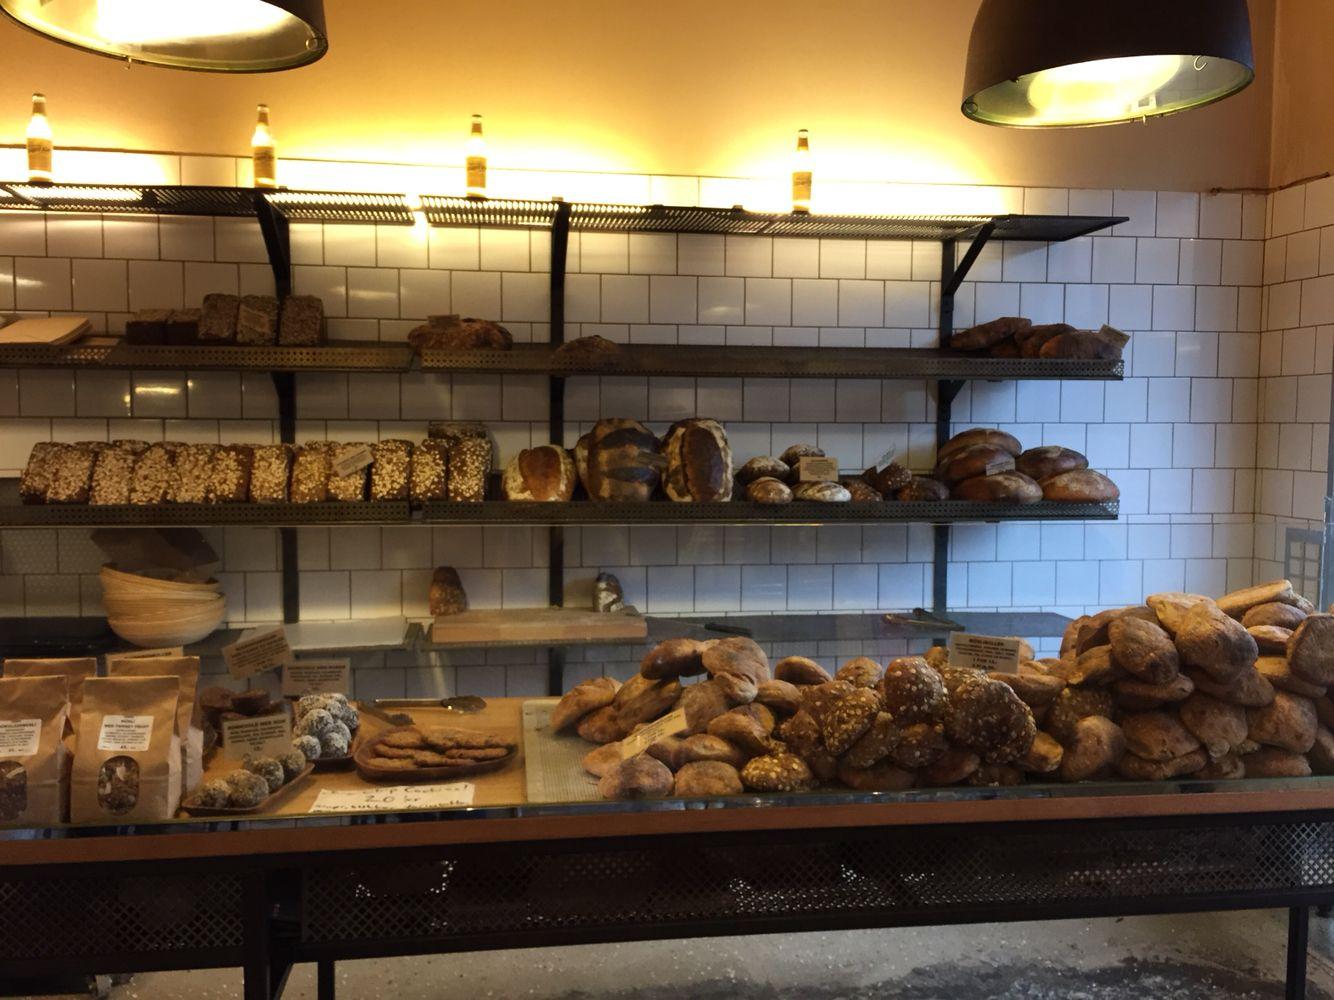 Total fedt brød hos bageriet Brød i Kbh